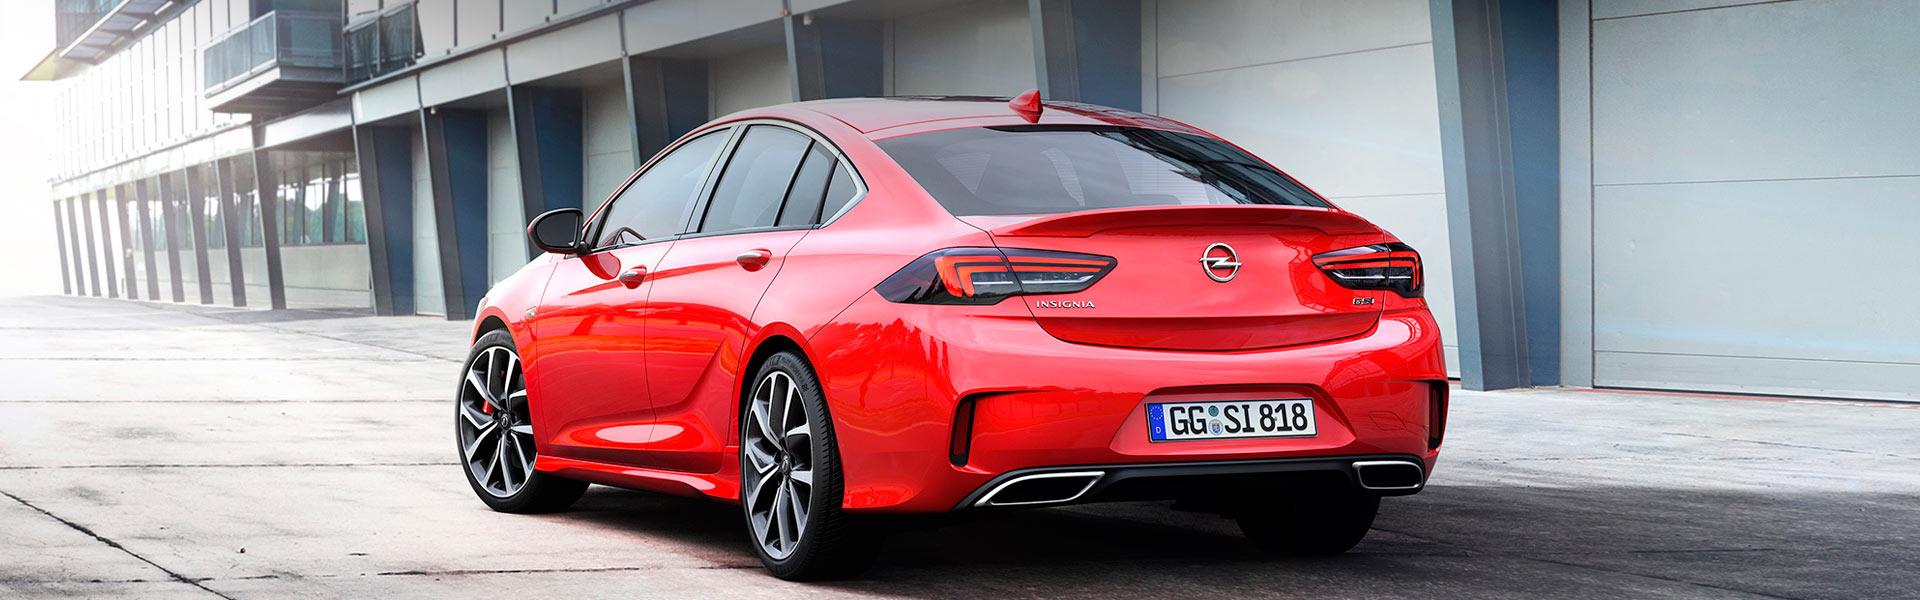 Запчасти на Opel Insignia